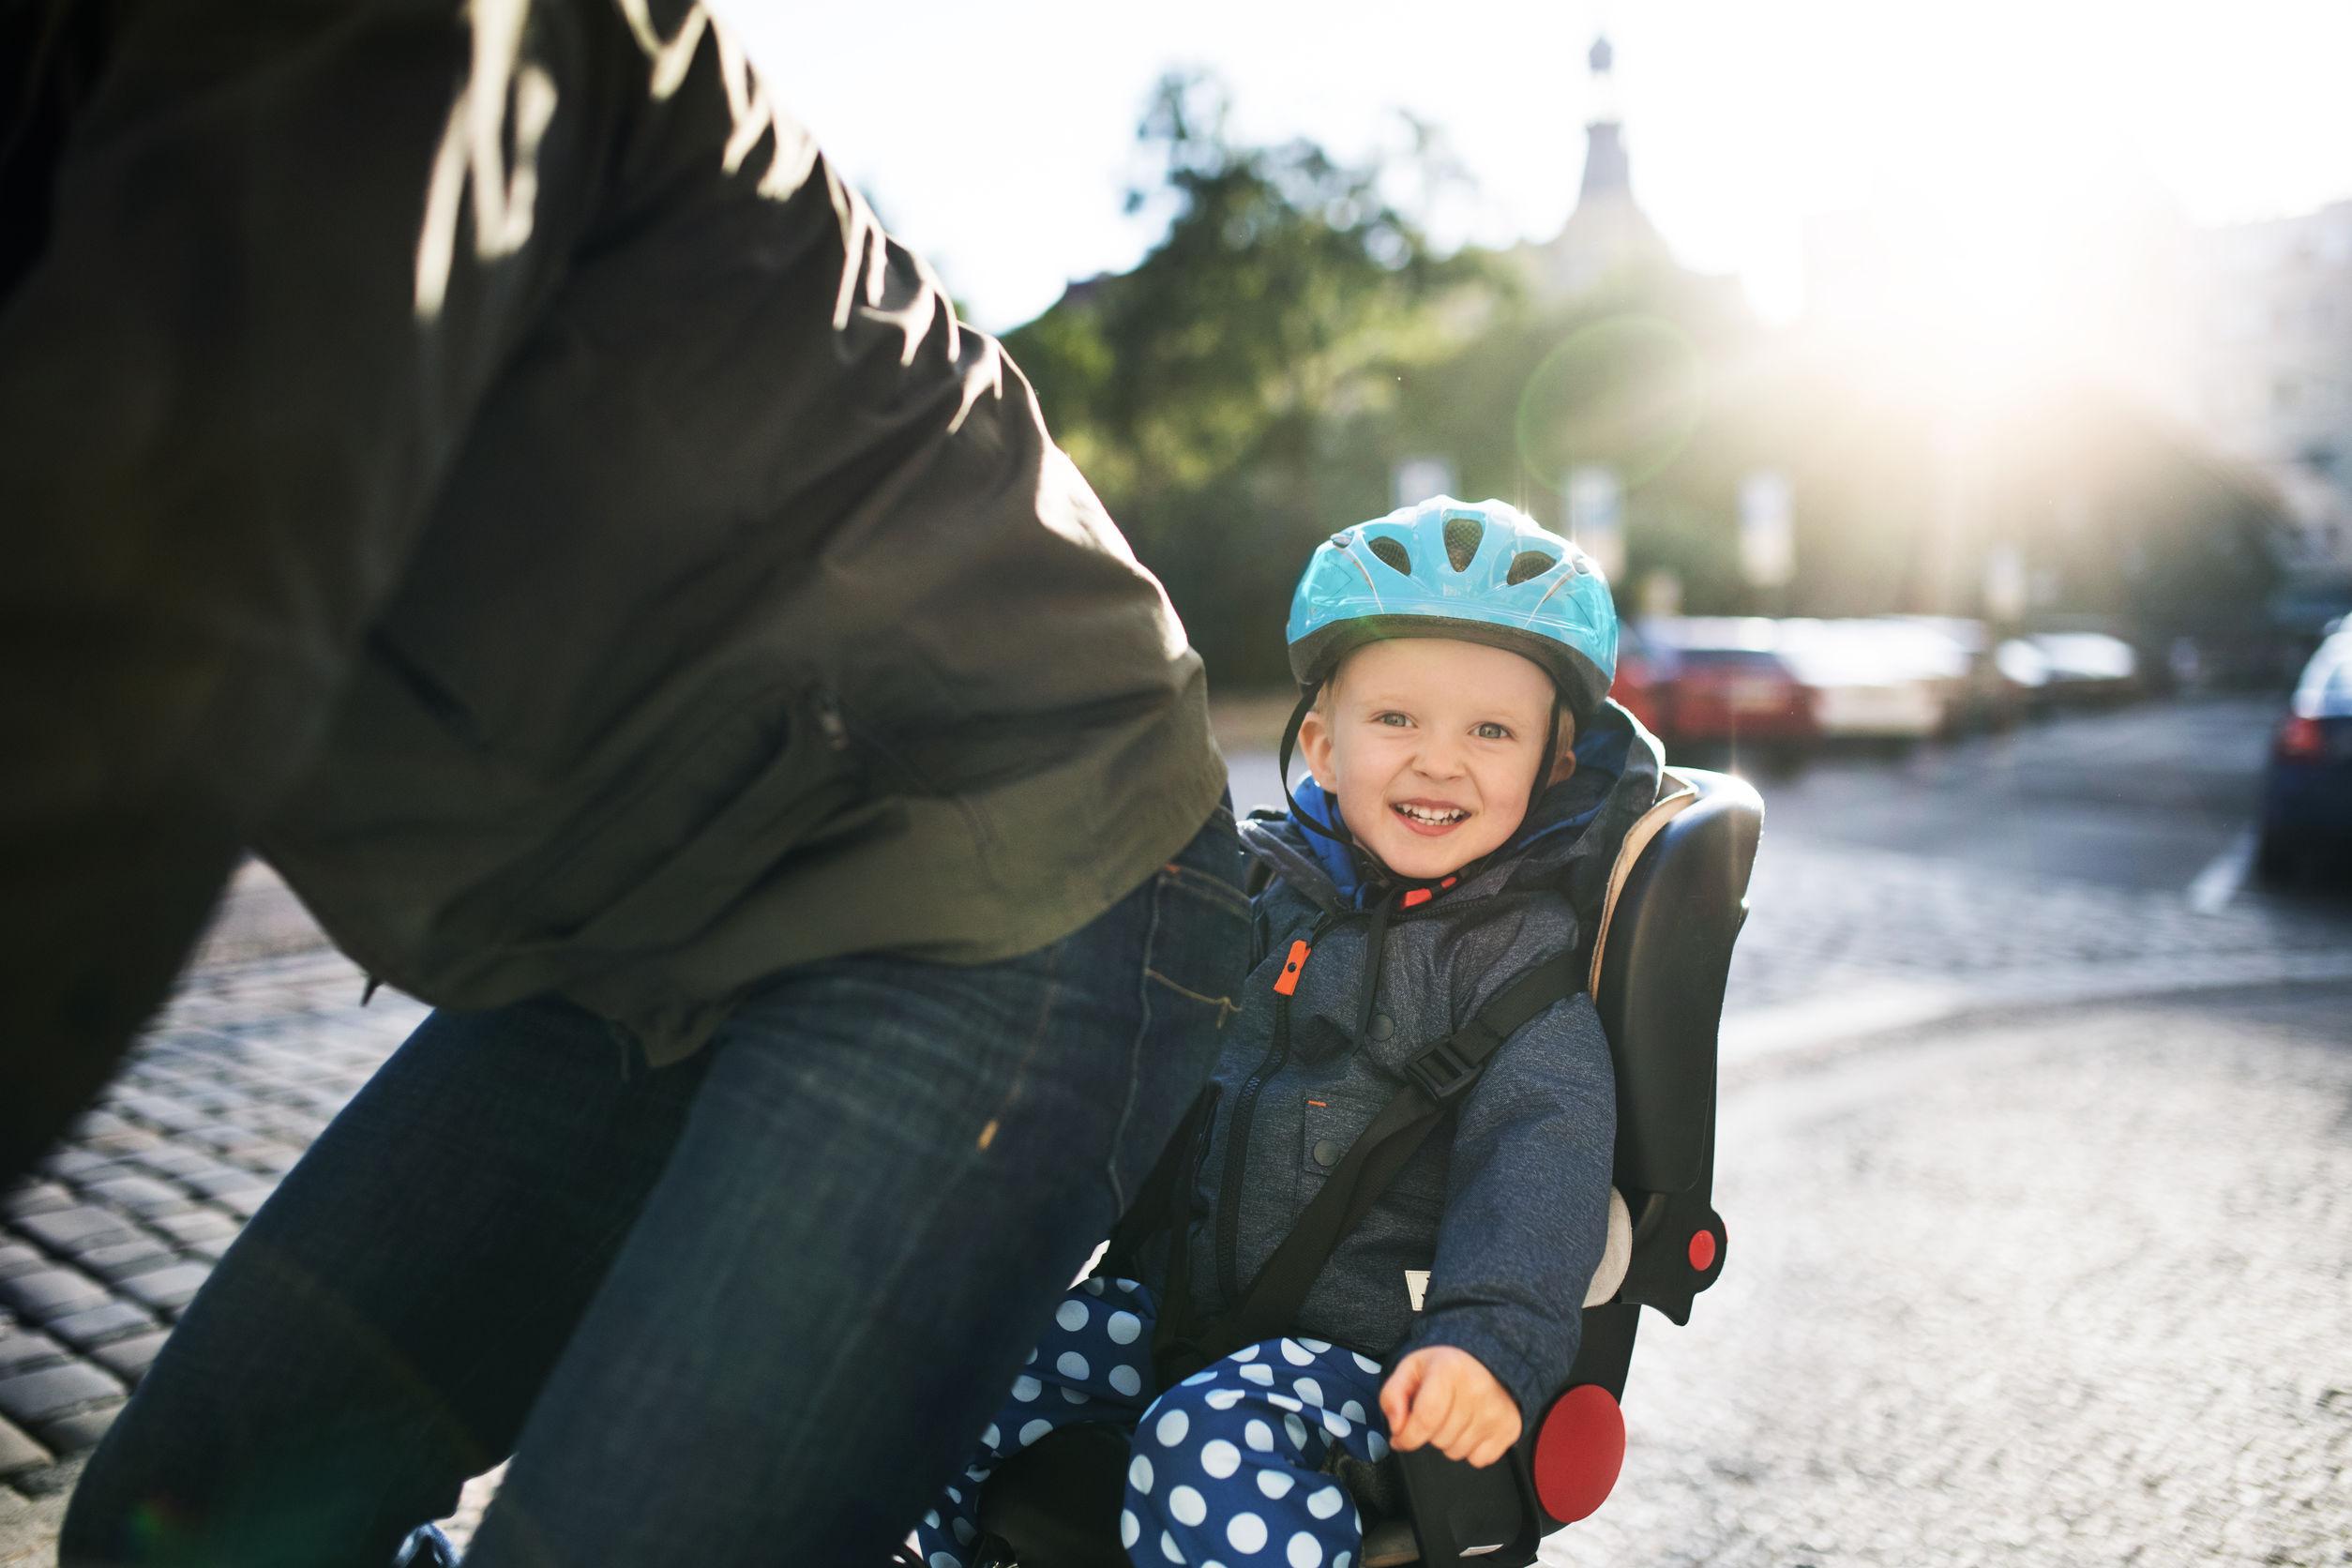 Fahrradsitz für Kinder: Test & Empfehlungen (04/21)